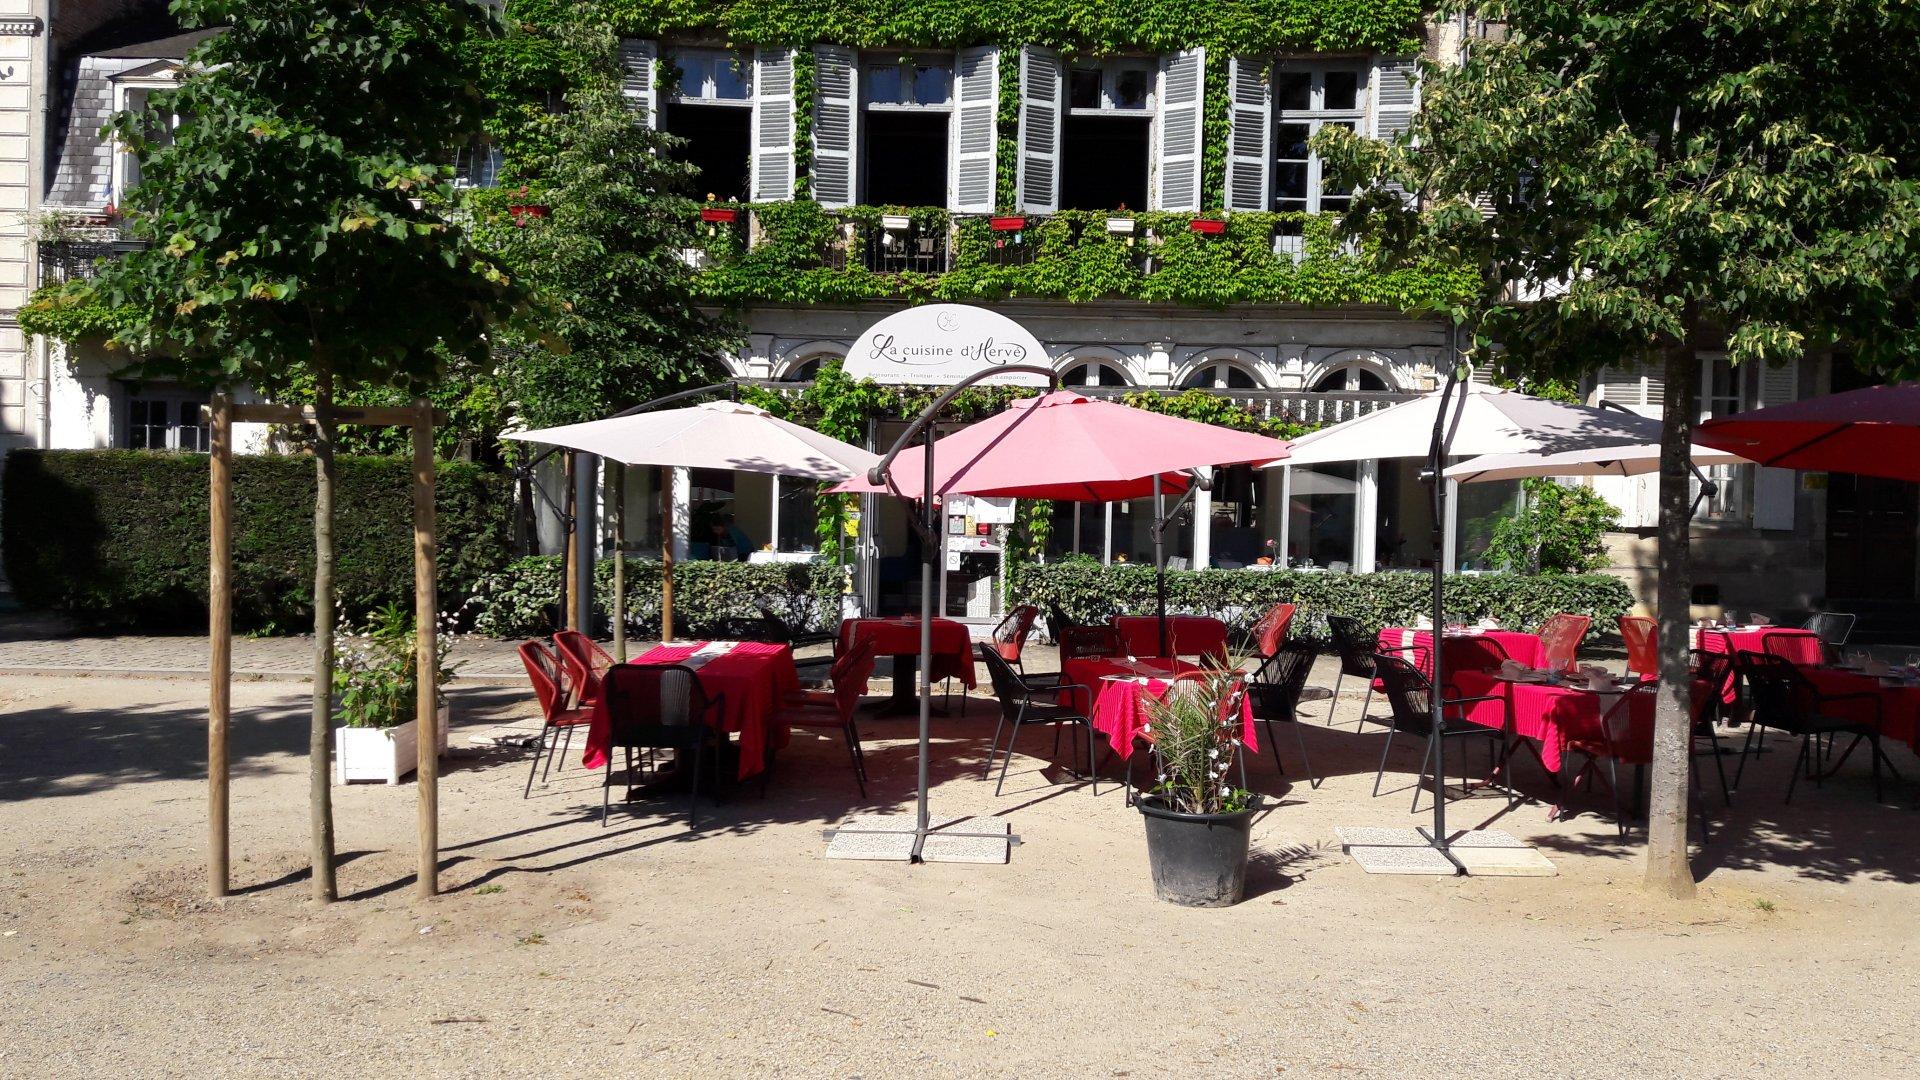 Restaurant La Cuisine D Herve Moulins Allier